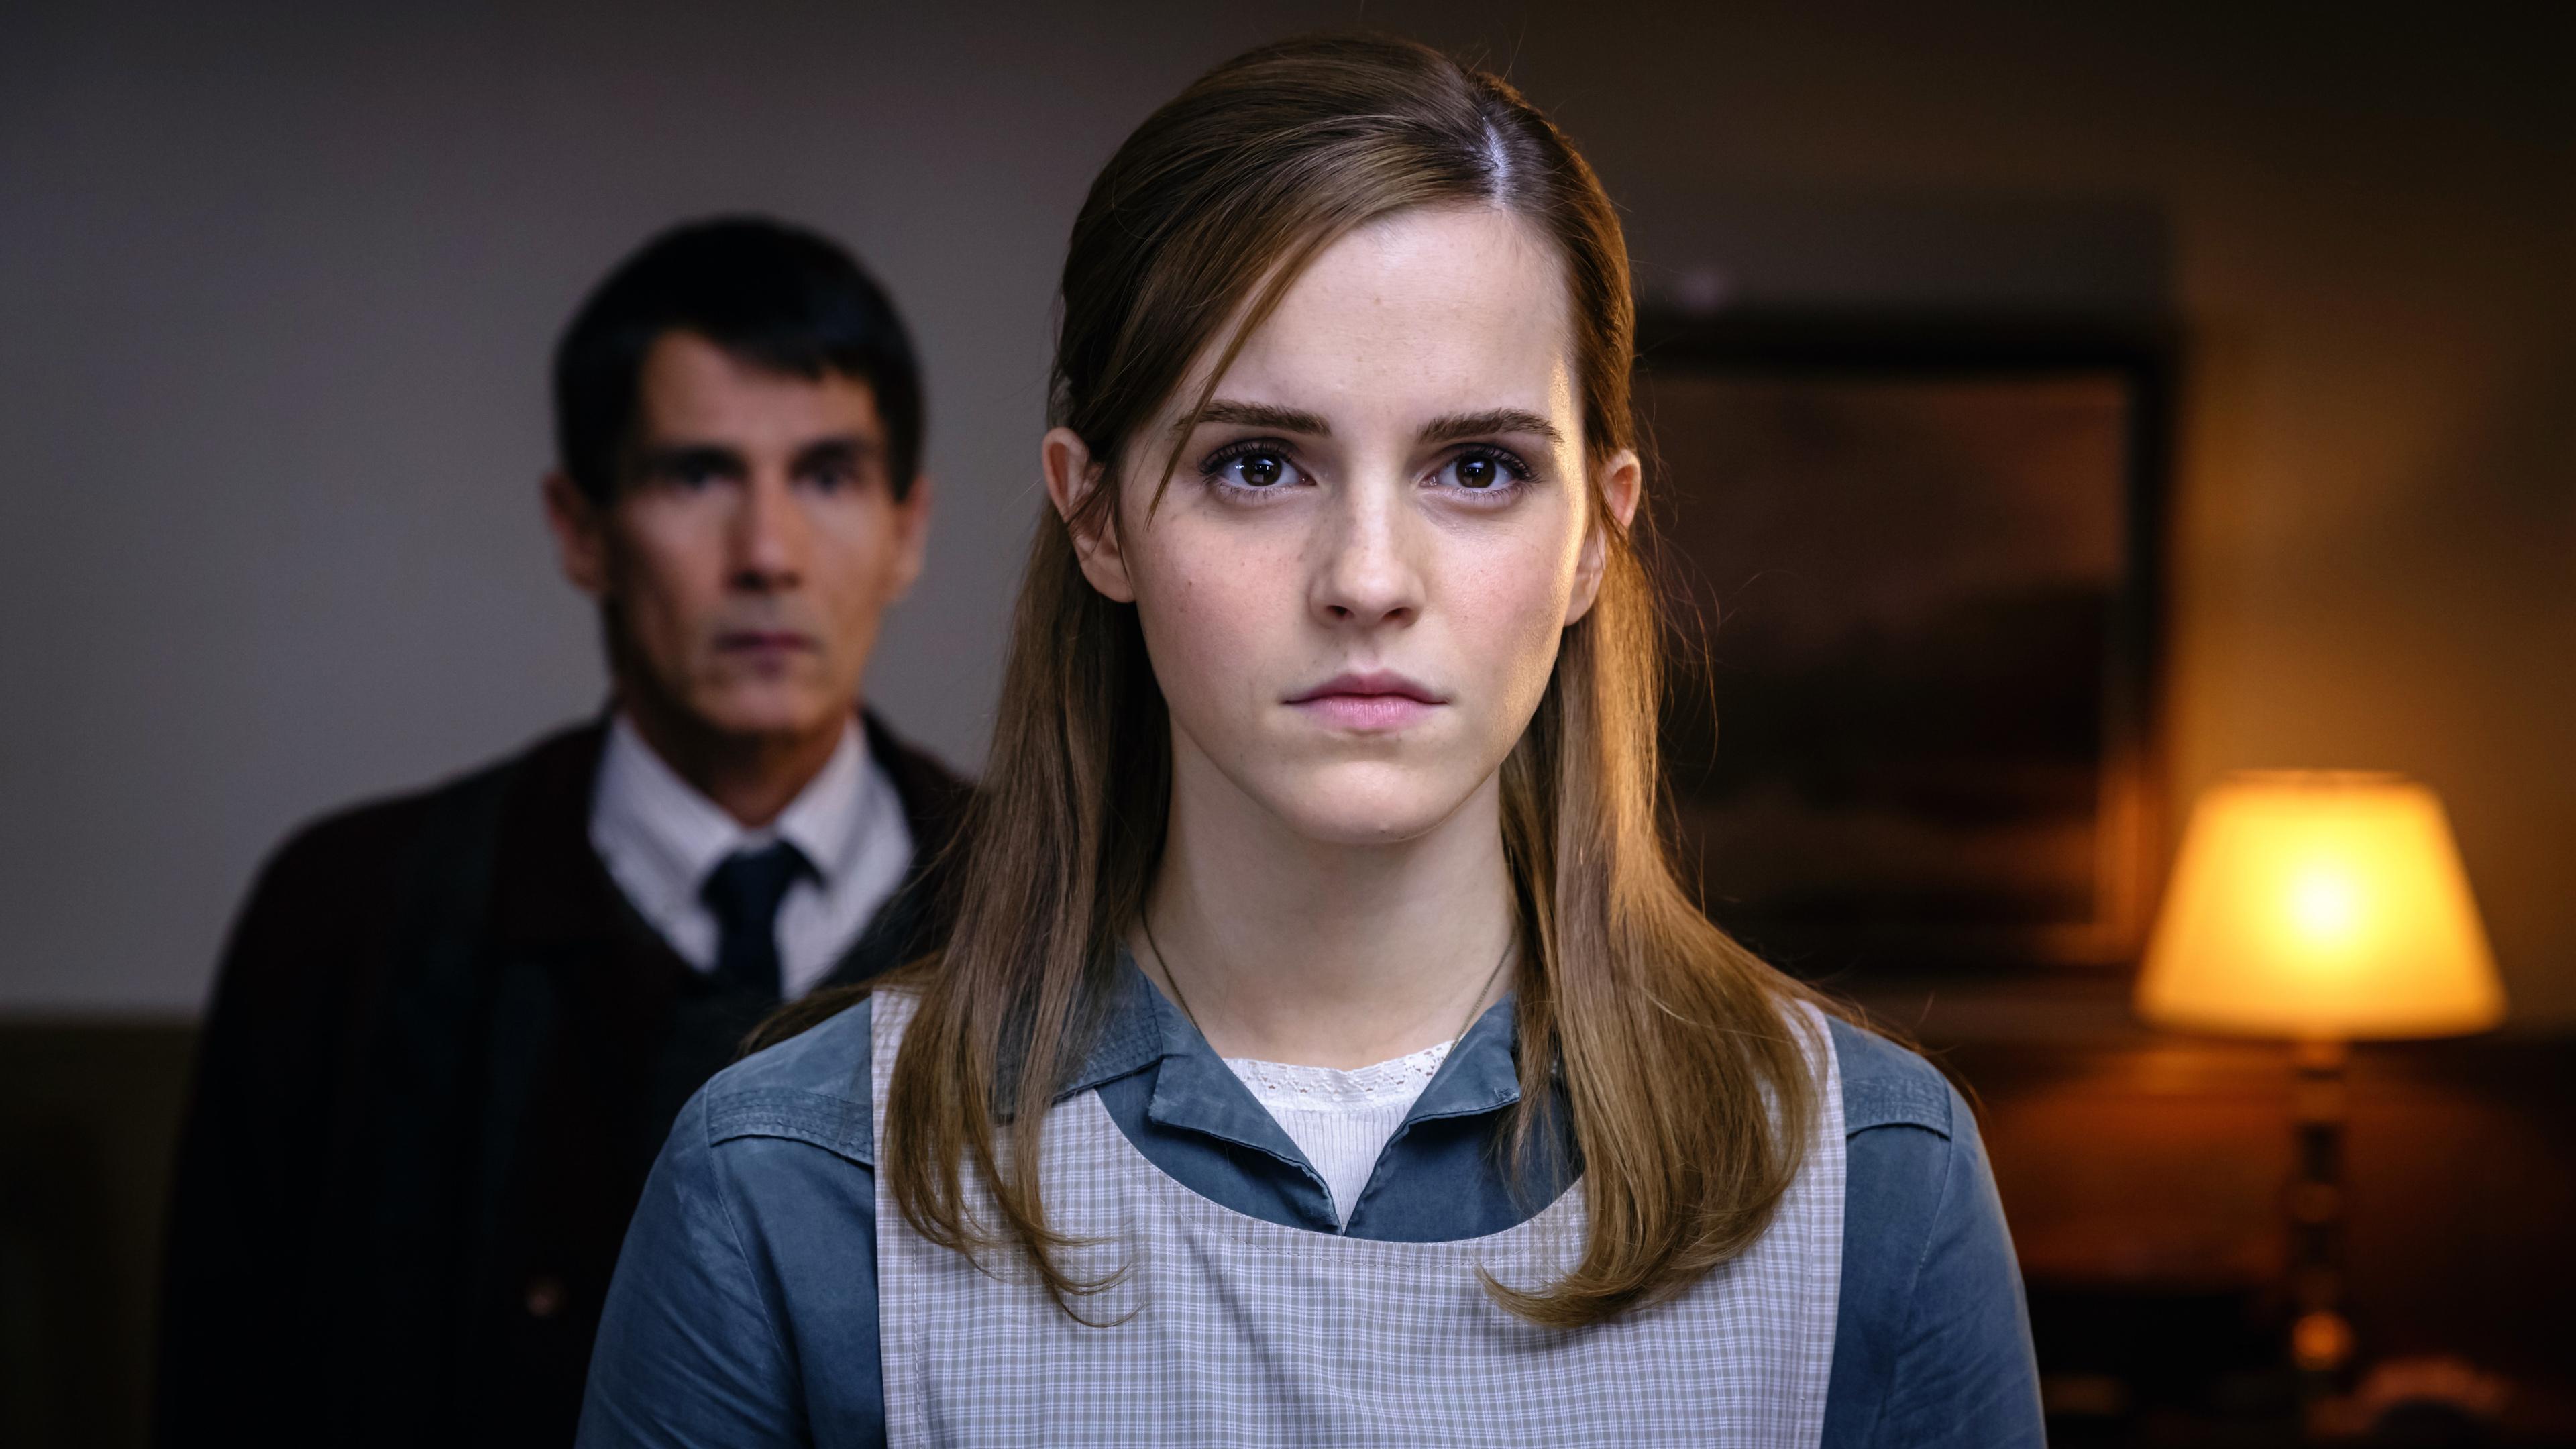 Рыжеволосая девушка с выразительными глазами полными ужаса и страха